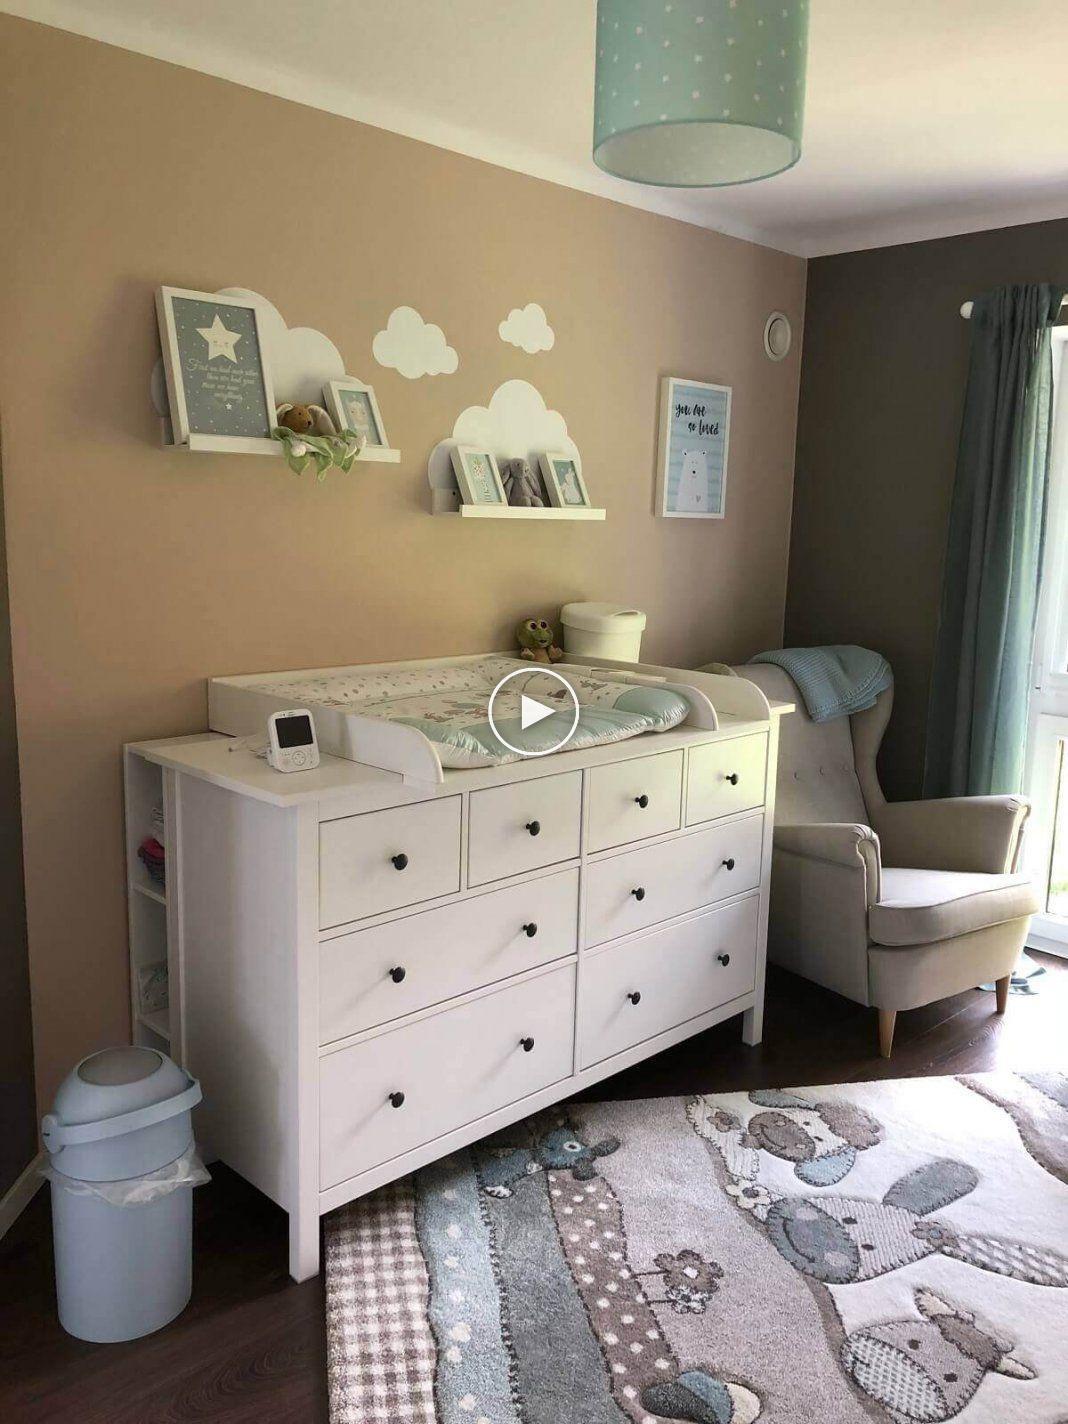 Babyzimmer Murs De Couleur Marron Et Beige Super Blanc Mbeln